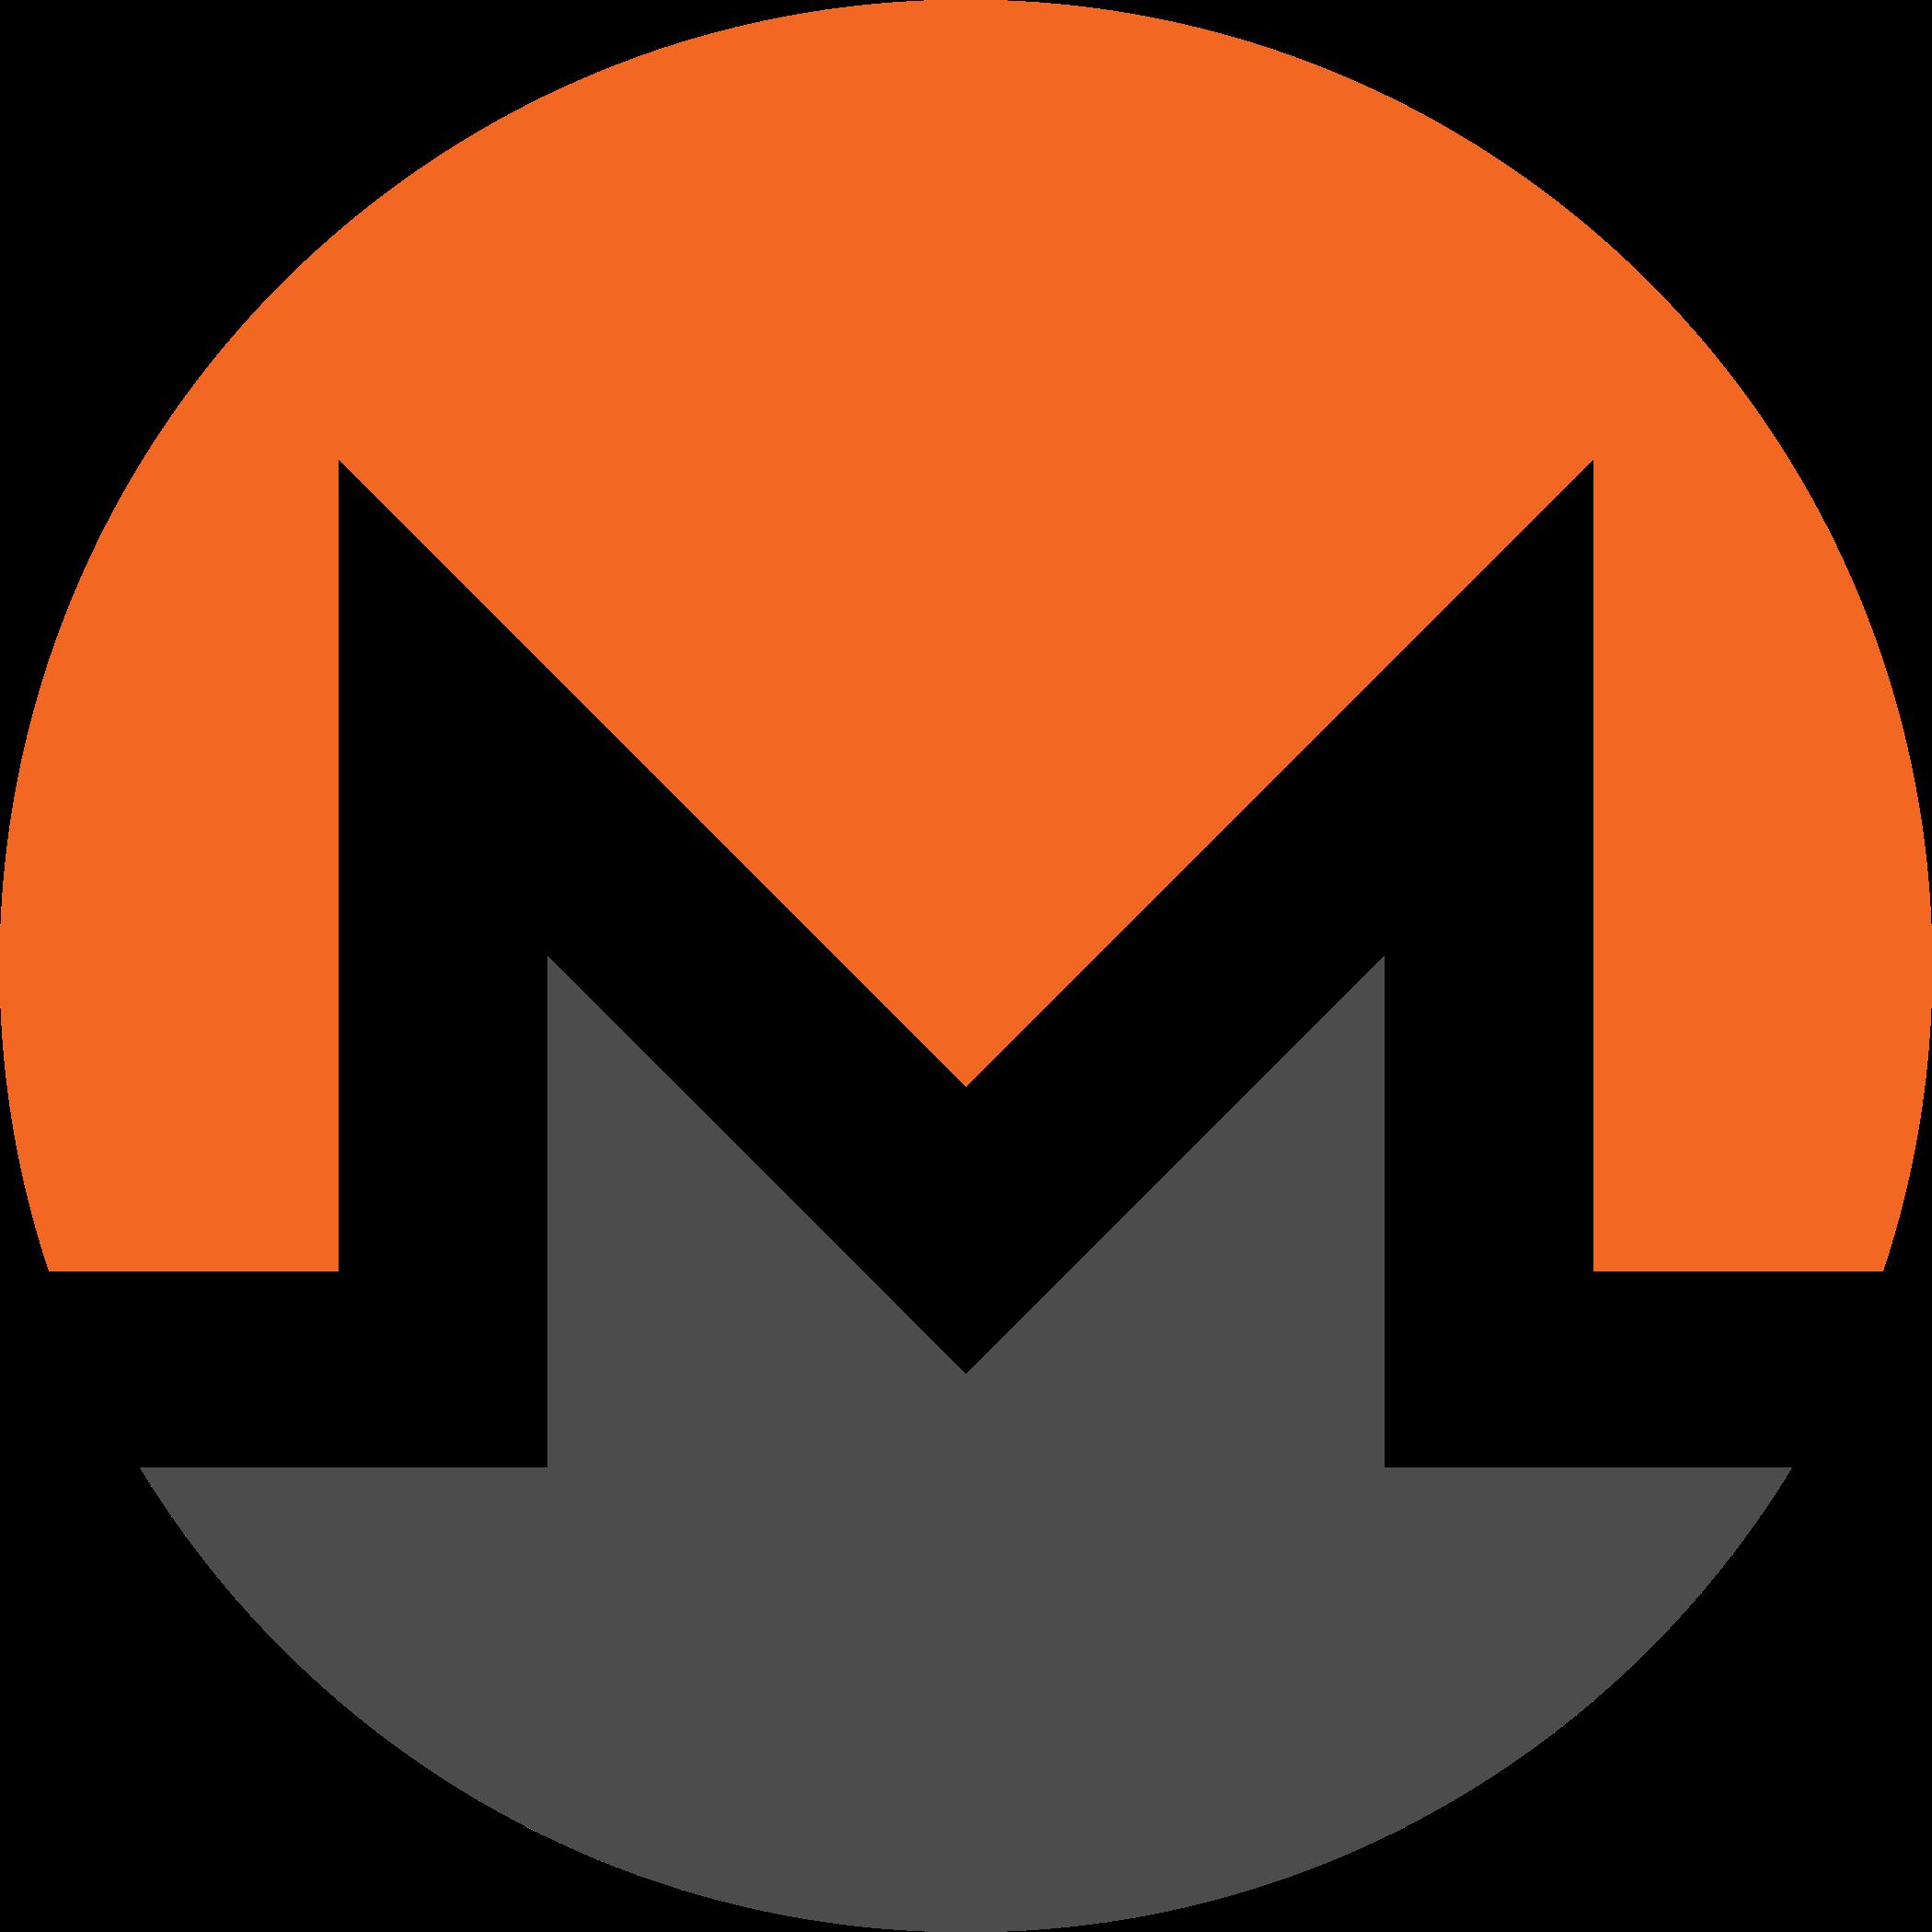 monero logo 3 - Monero Logo